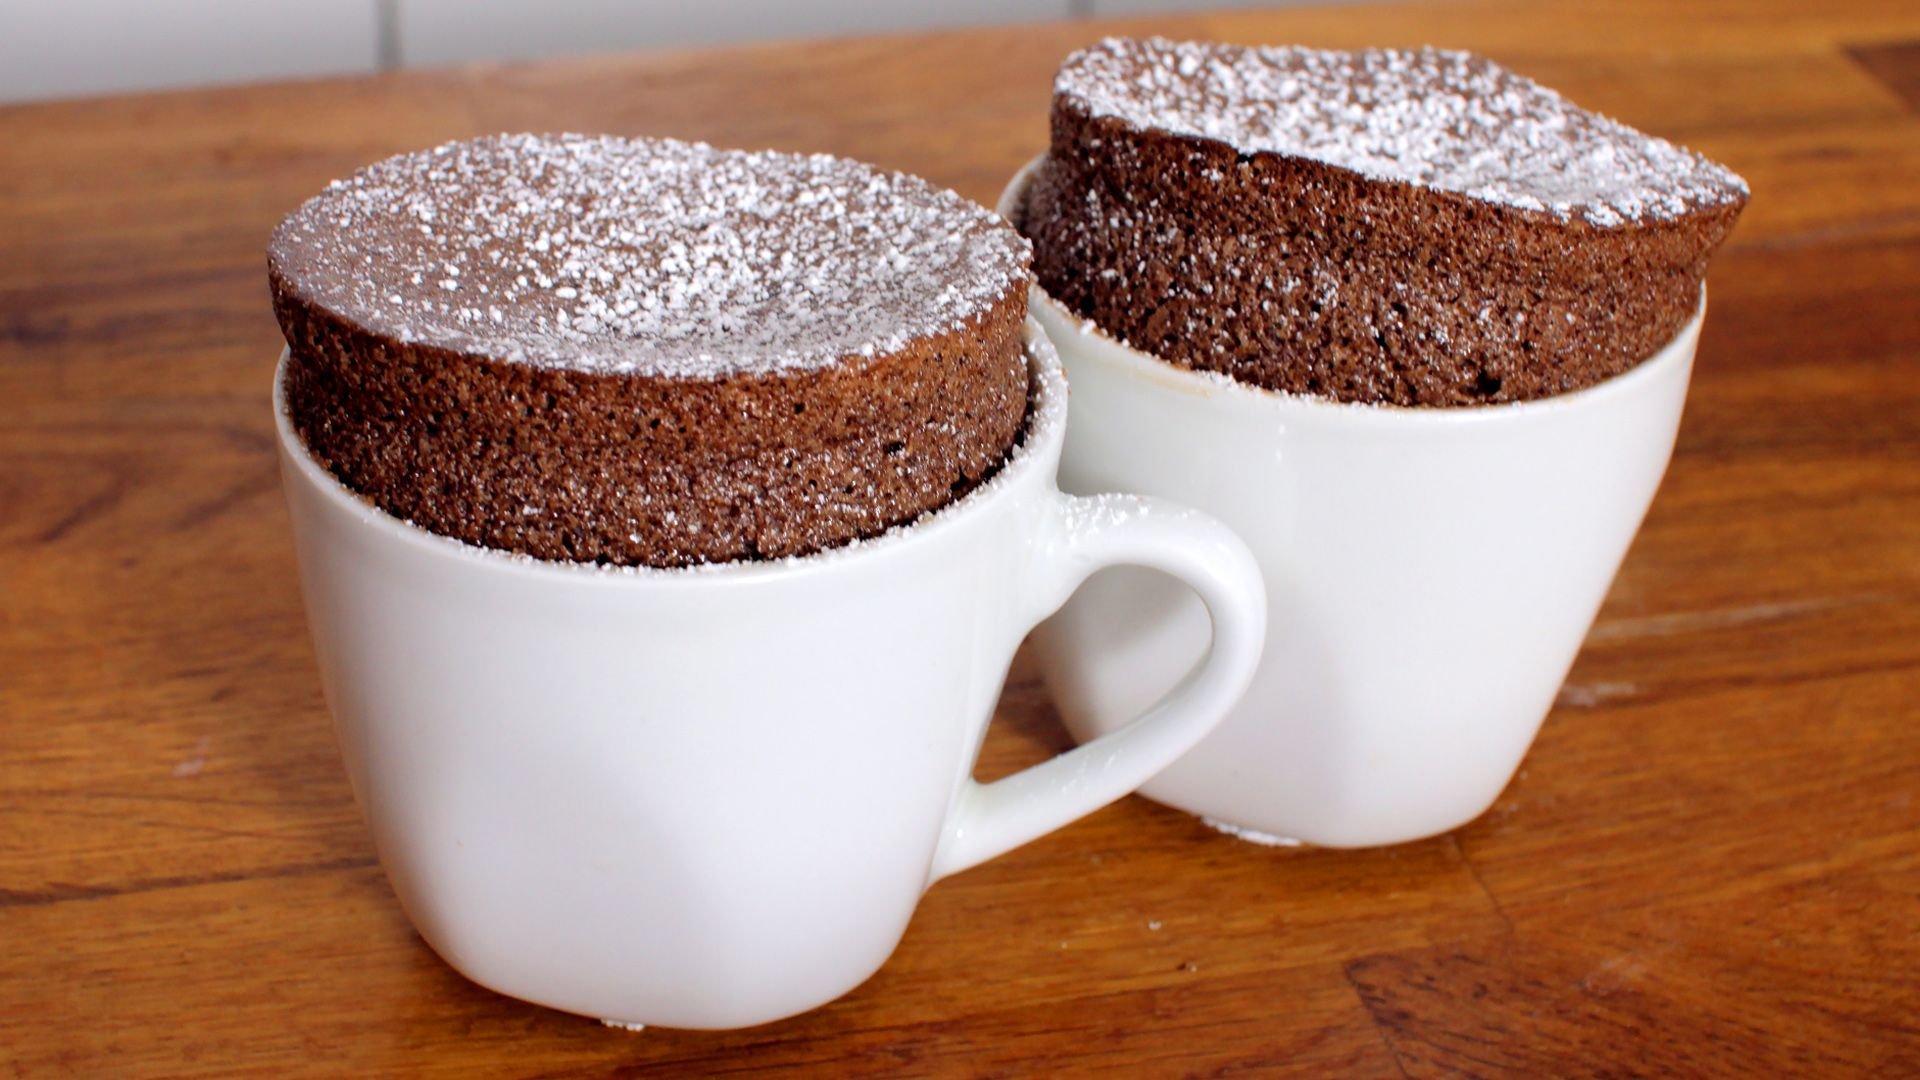 Schokoladen-Soufflé Rezept als Back-Video zum selber machen! Ganz einfach Schritt für Schritt erklärt!